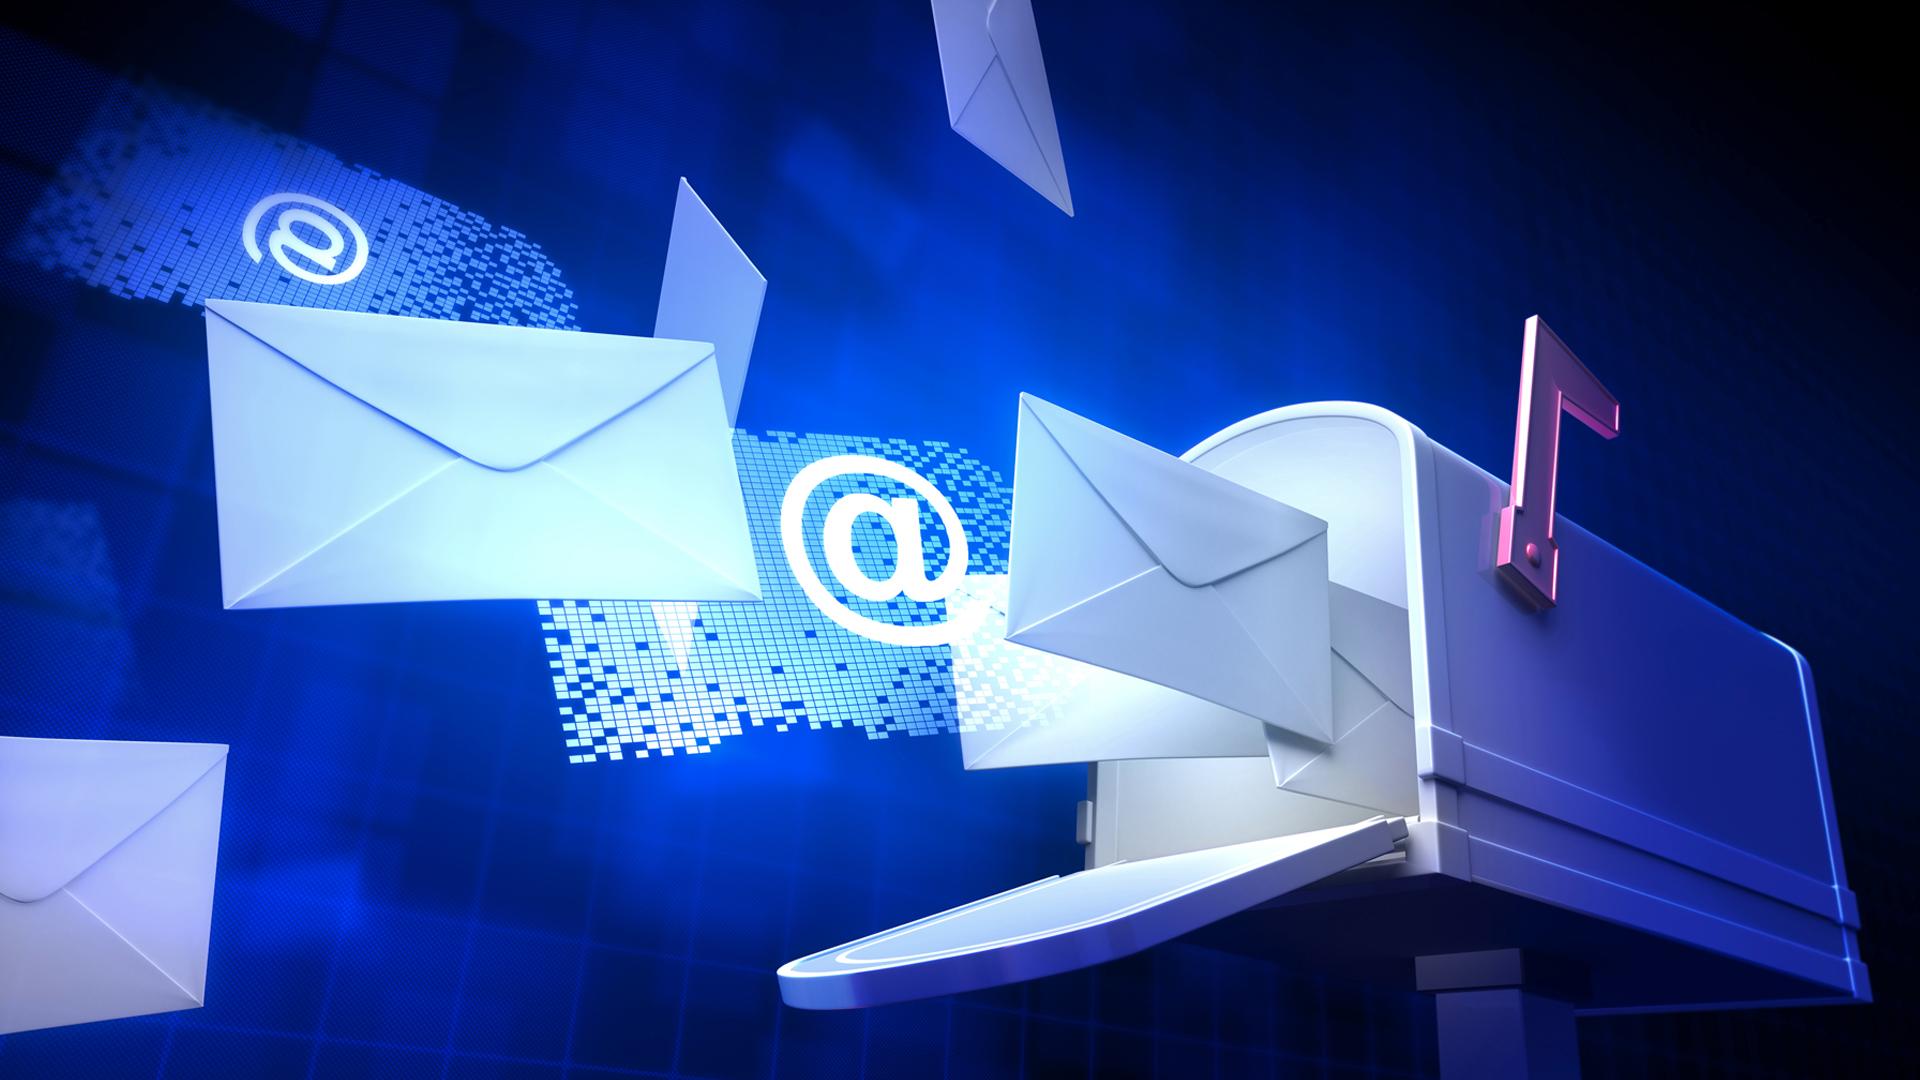 email surat digital pemerintahan http://www.isuvl.ro/